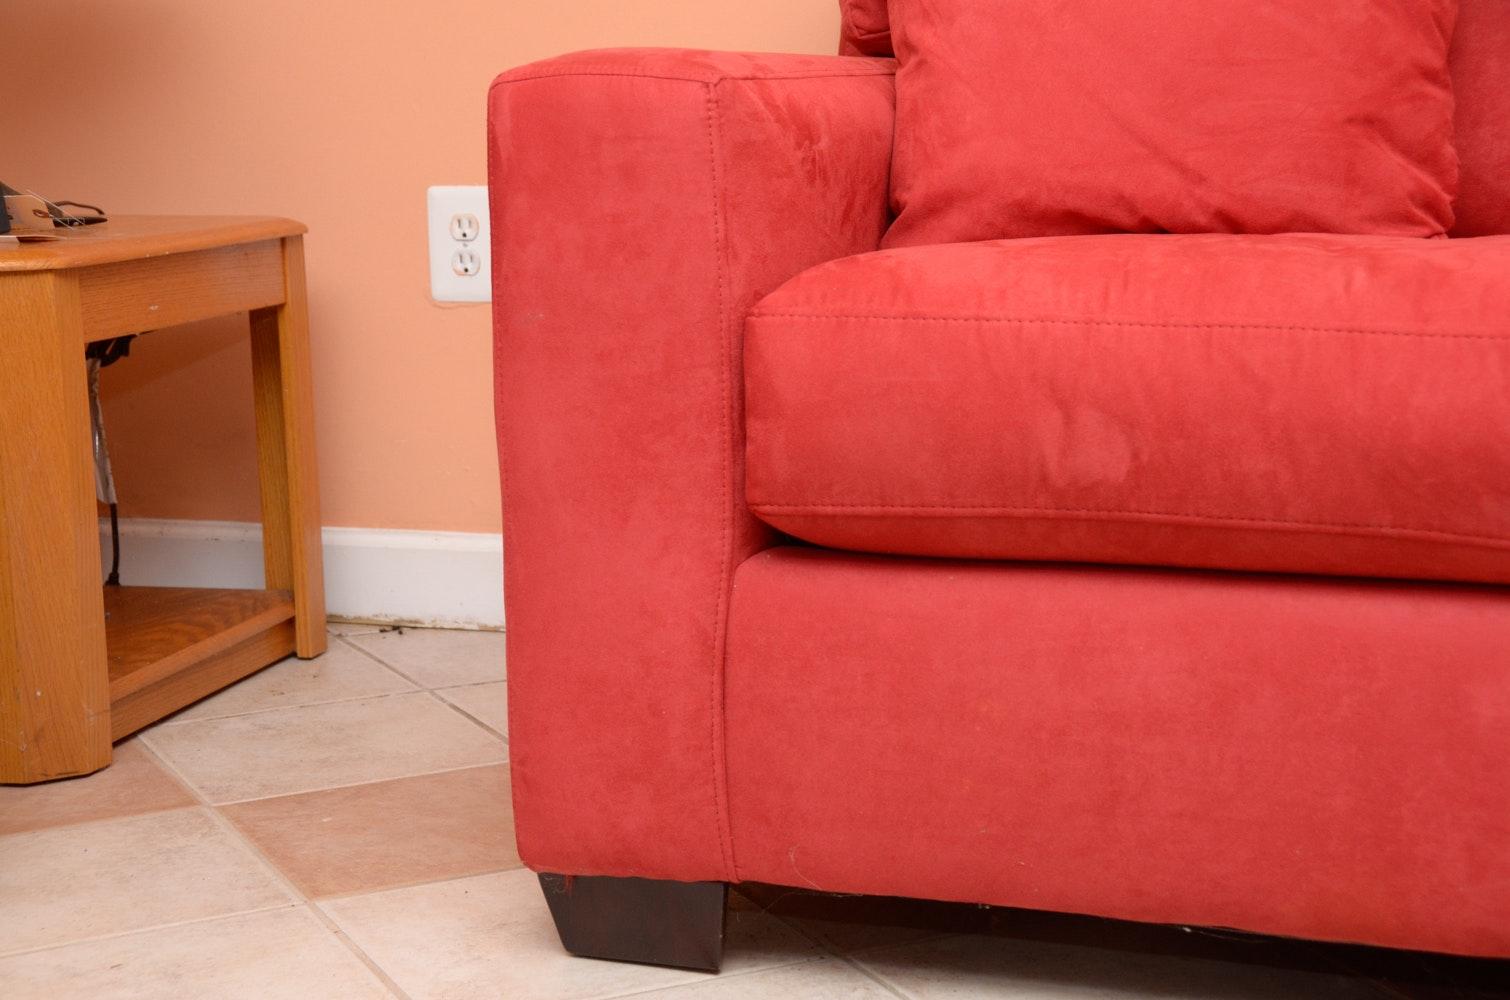 Upholstered Sleeper Sofa Ebth